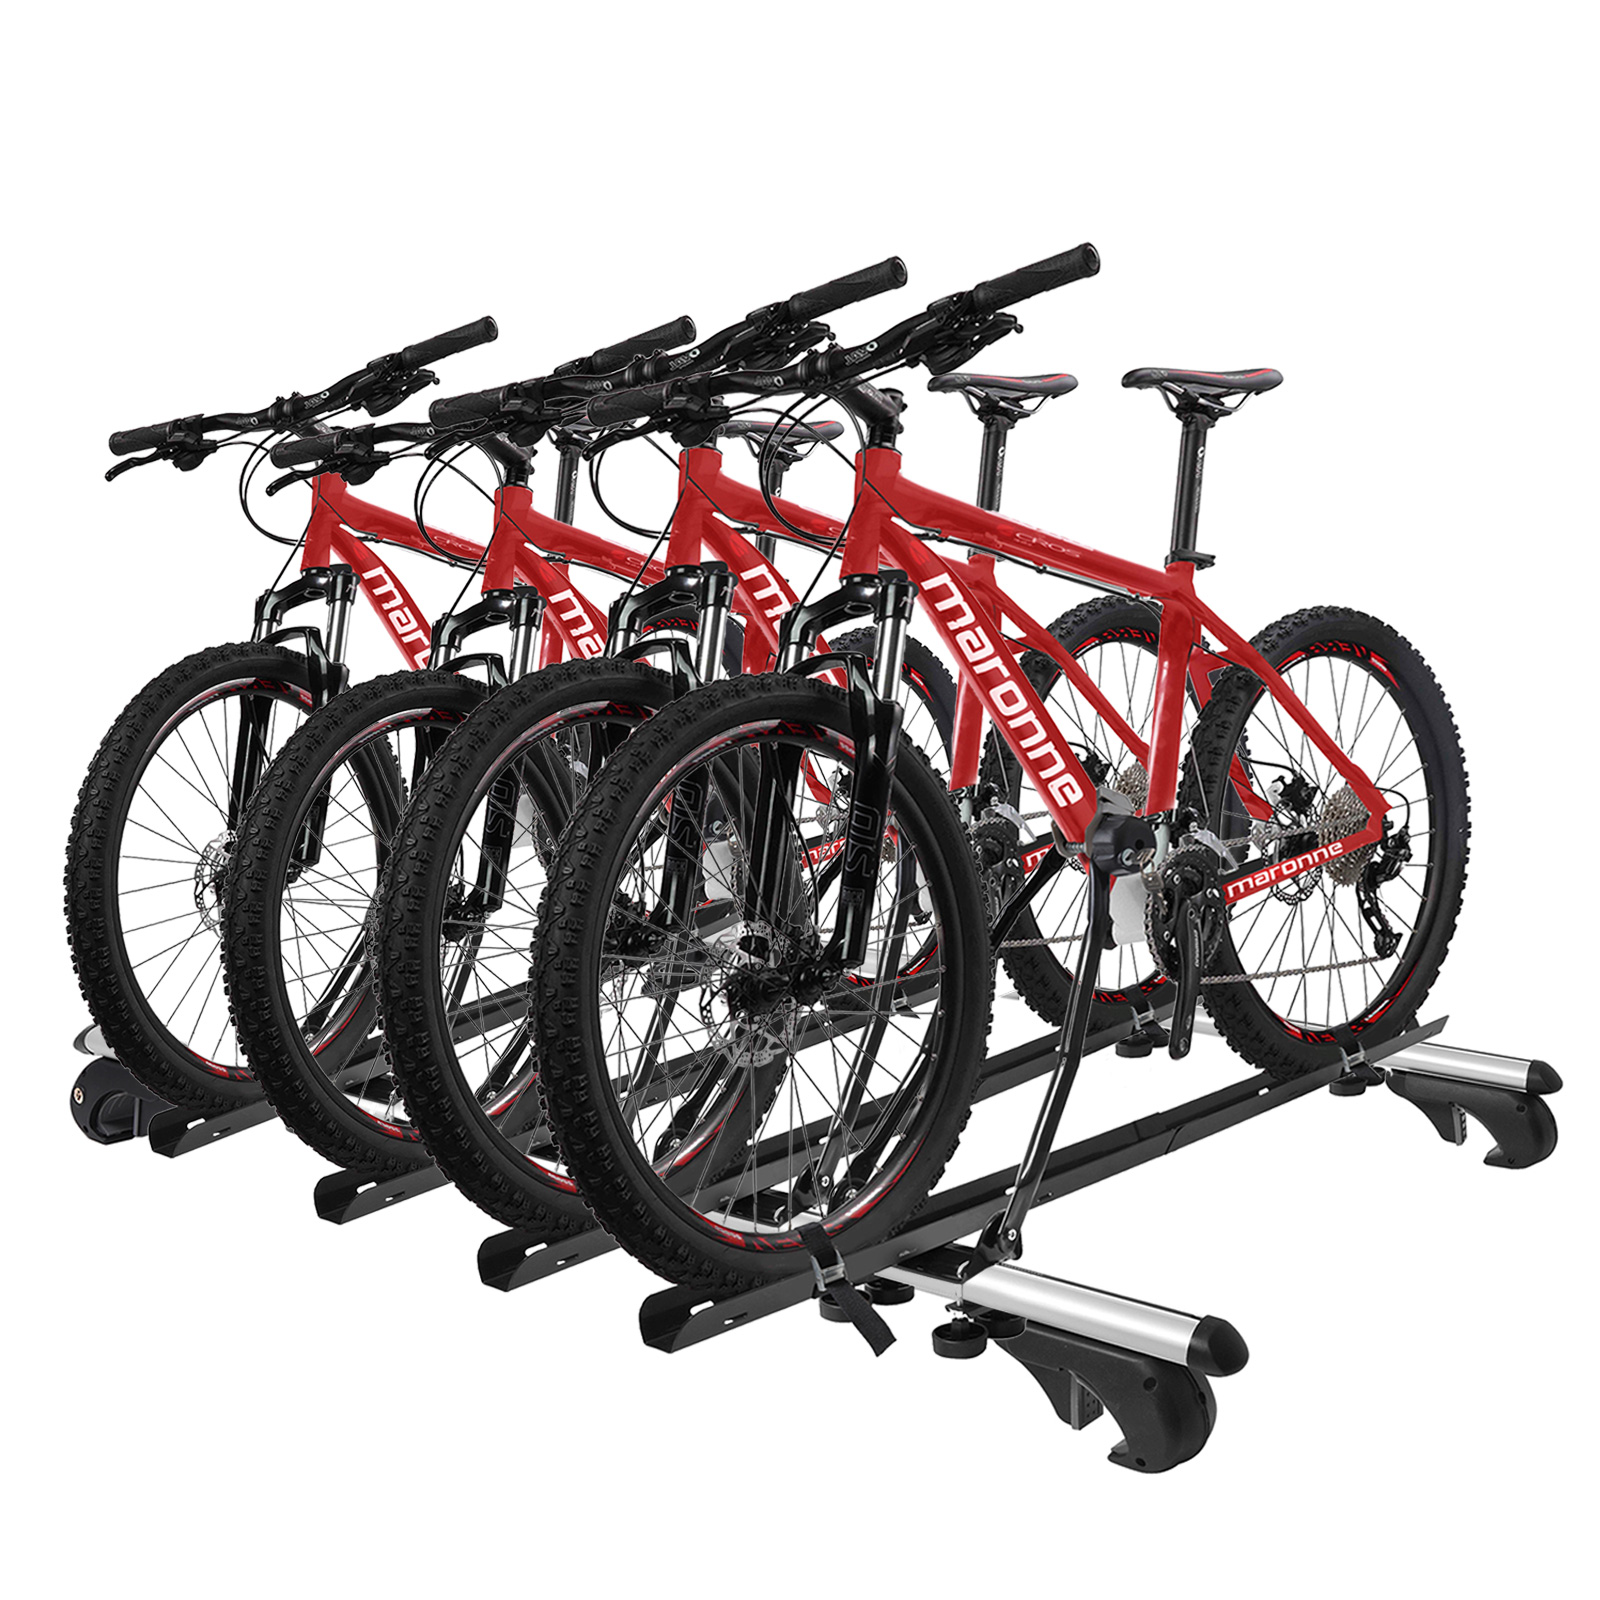 4x Fahrradträger Dachträger mit Rahmenbefestigung abschließbar inkl Befestigung